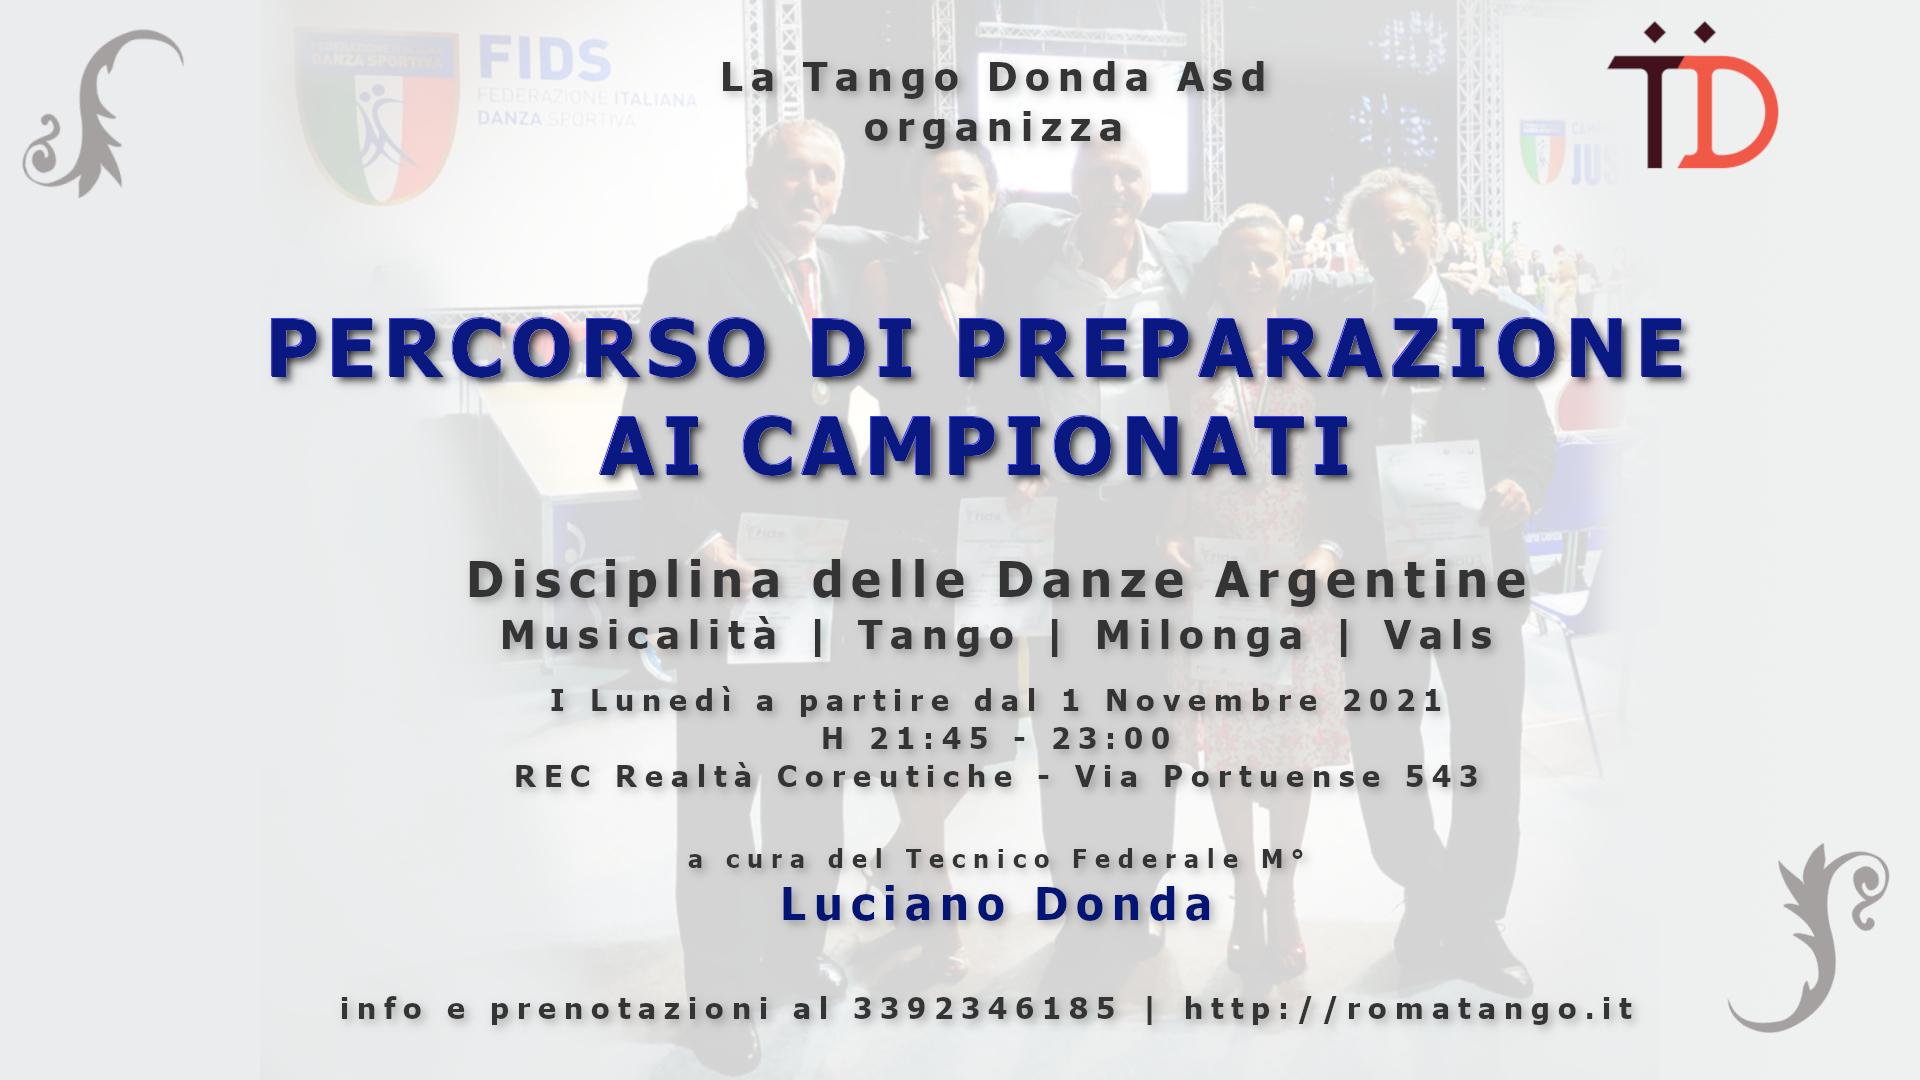 Preparazione ai campionati Danze Argentine con Luciano Donda